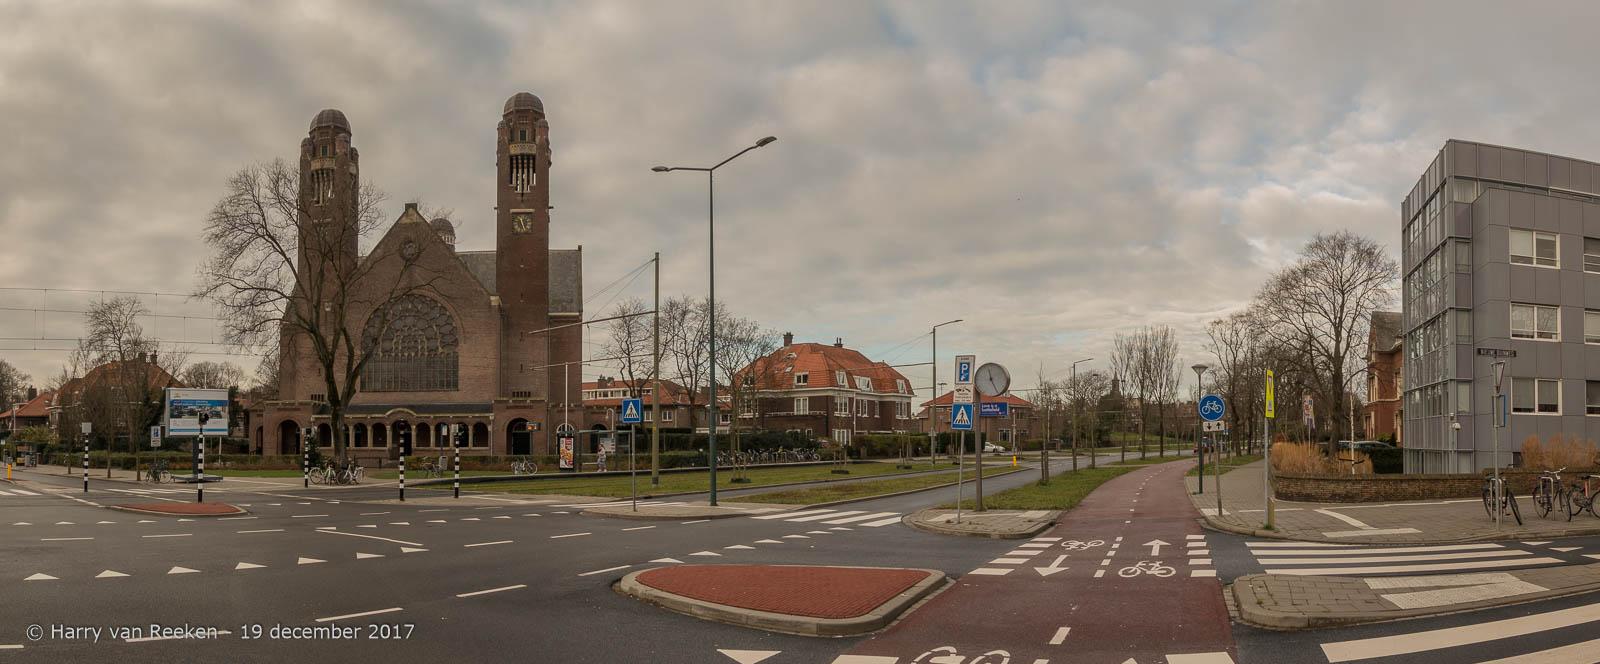 Nieuwe Duinlaan - Nieuwe Parklaan - Scheveningen - pano (1 van 1)